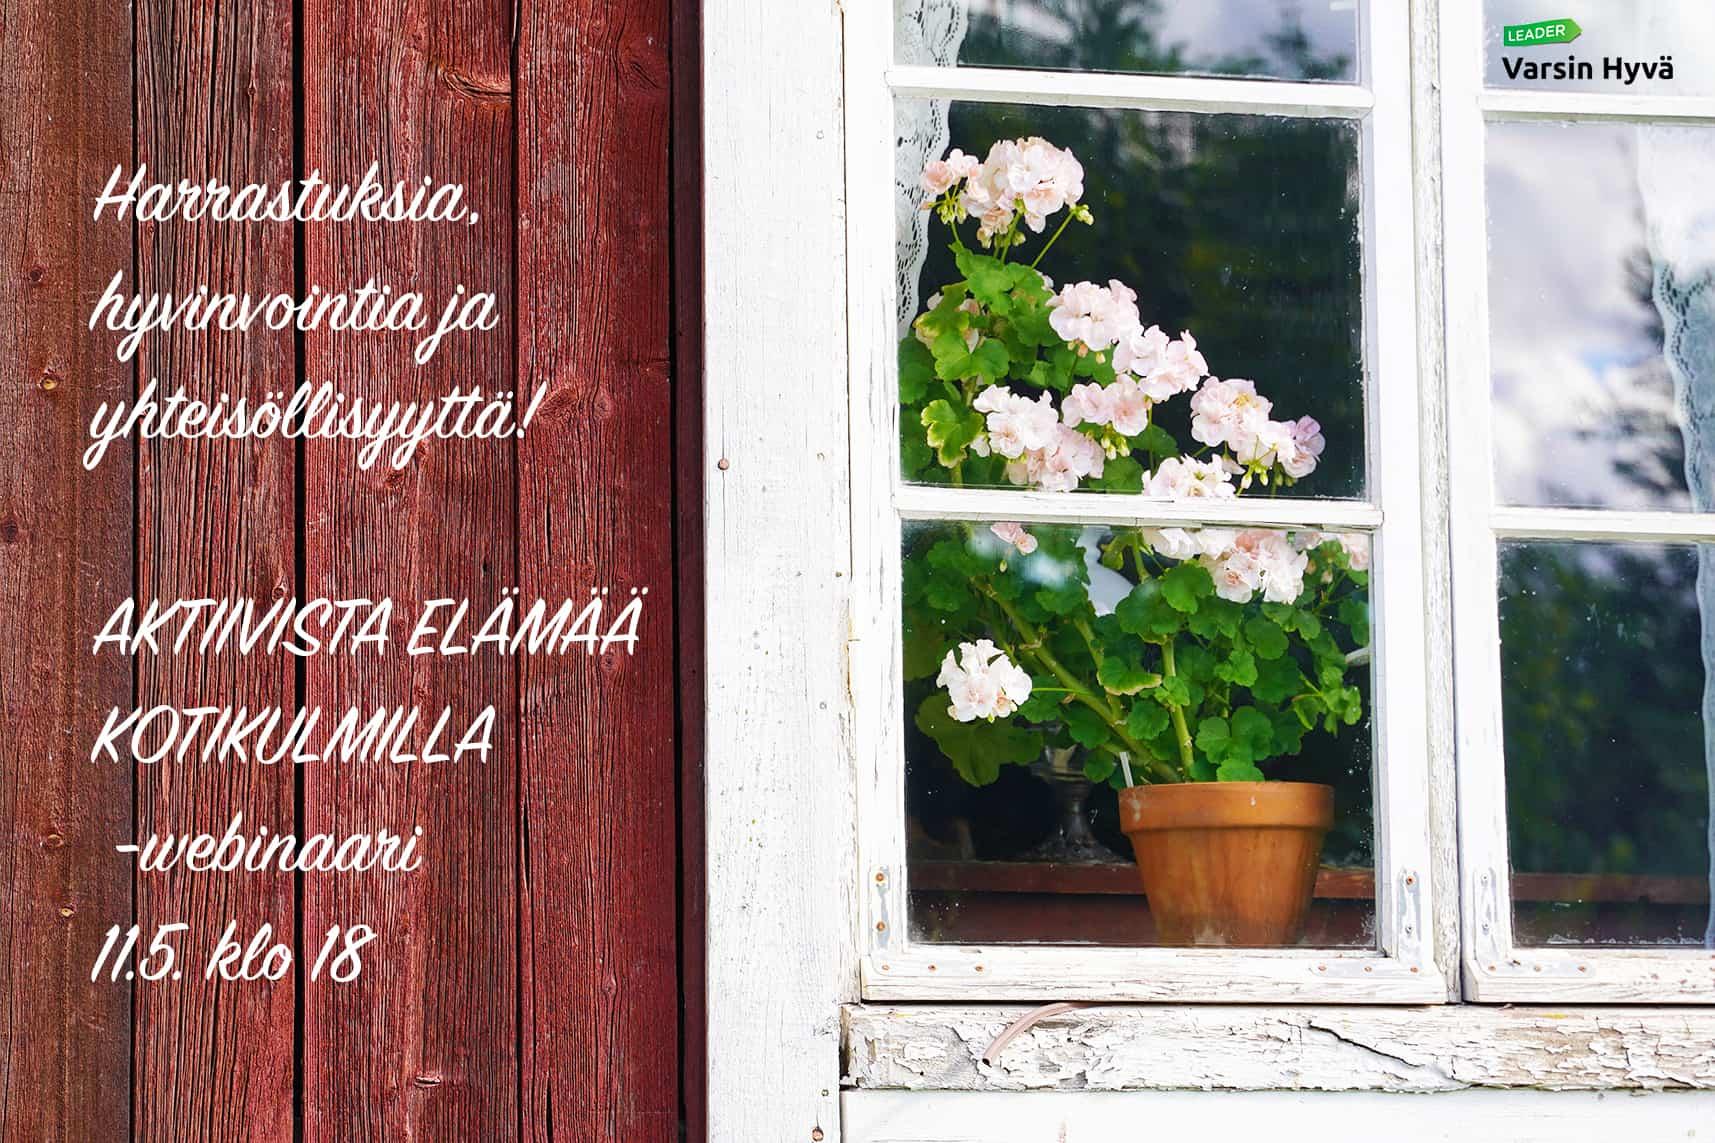 Harrastuksia, hyvinvointia ja yhteisöllisyyttä! AKTIIVISTA ELÄMÄÄ KOTIKULMILLA -webinaari 11.5.